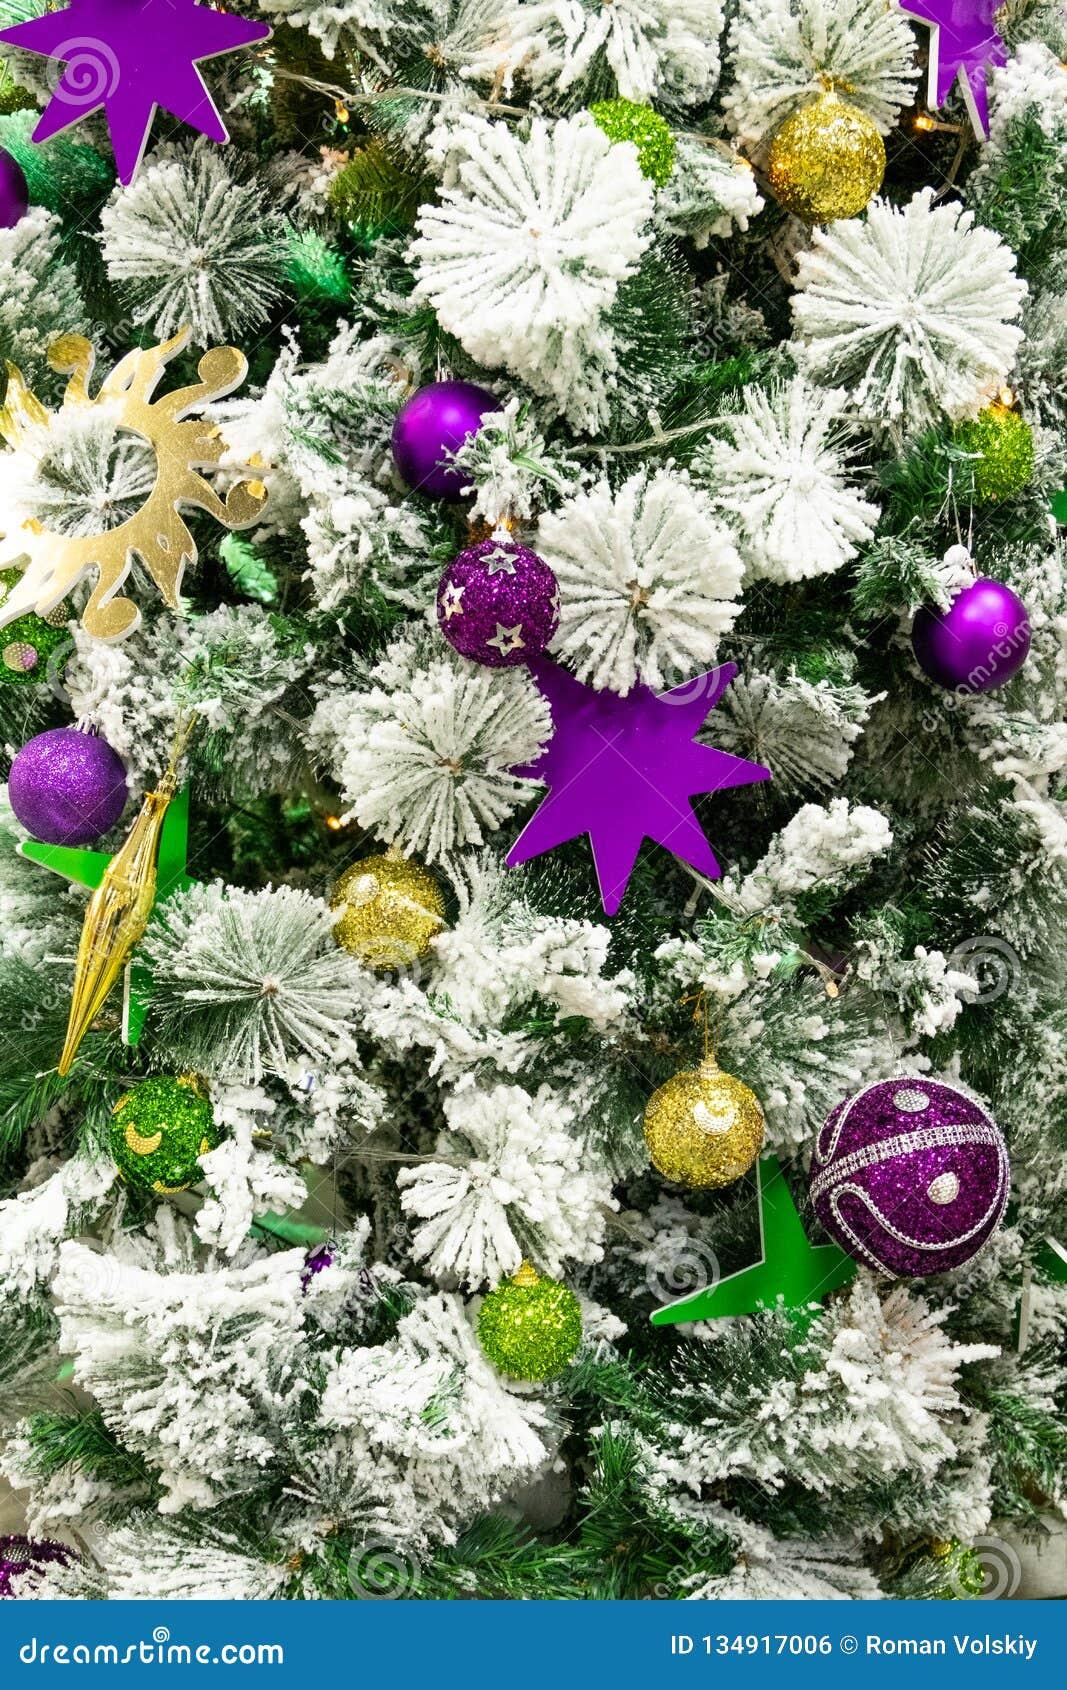 Χρυσά και ιώδη σφαίρες και αστέρια στο χριστουγεννιάτικο δέντρο Φωτεινό αφηρημένο υπόβαθρο για το σχέδιο του νέου έτους και